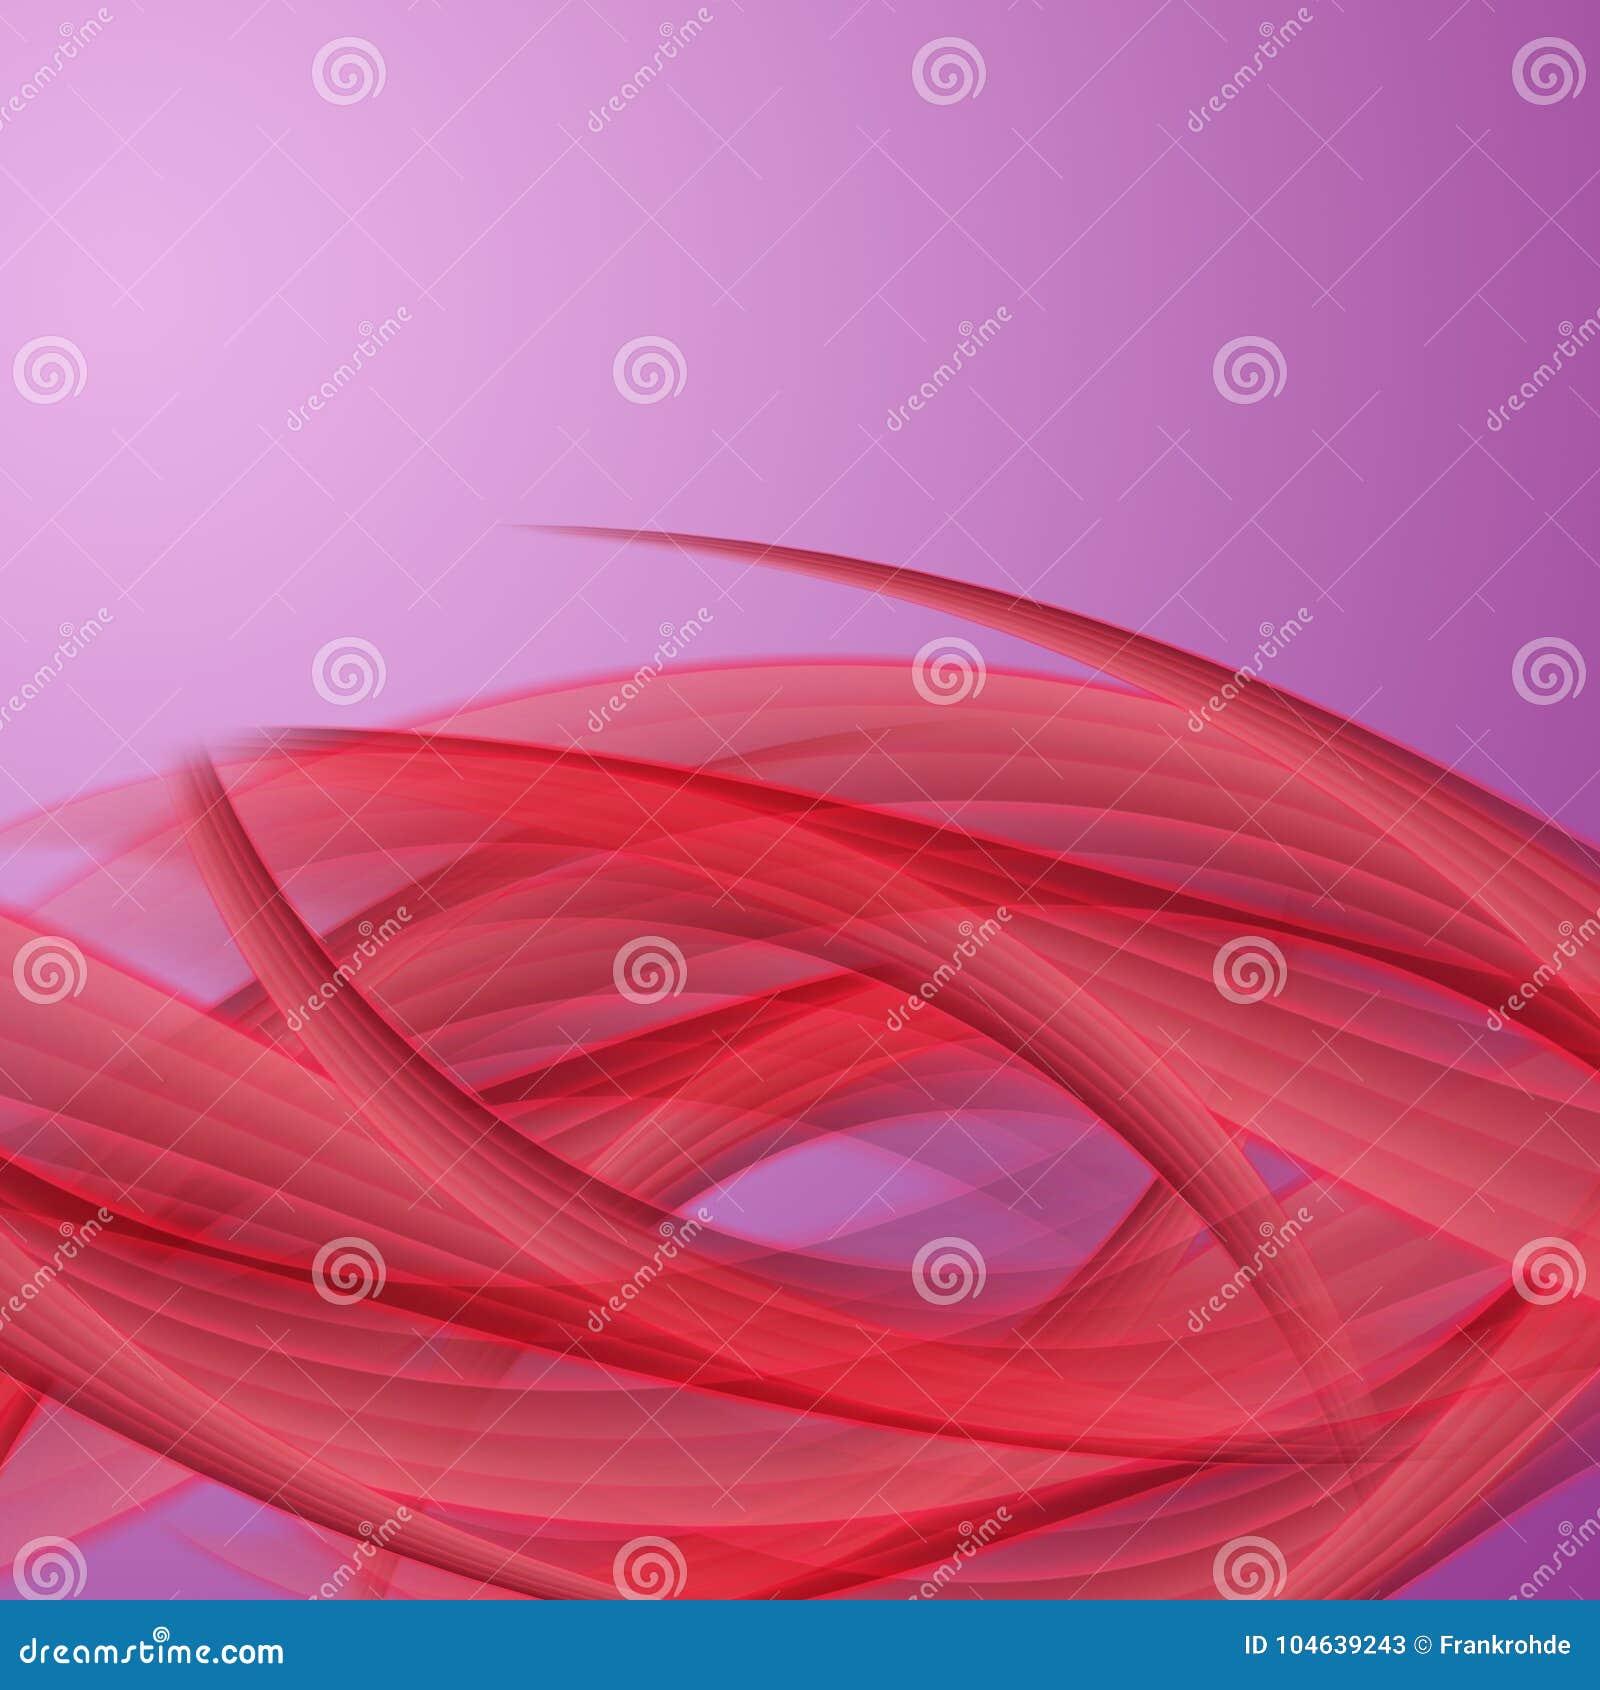 Download Elegant Romantisch Ontwerp Als Achtergrond Stock Illustratie - Illustratie bestaande uit mededeling, fantastisch: 104639243